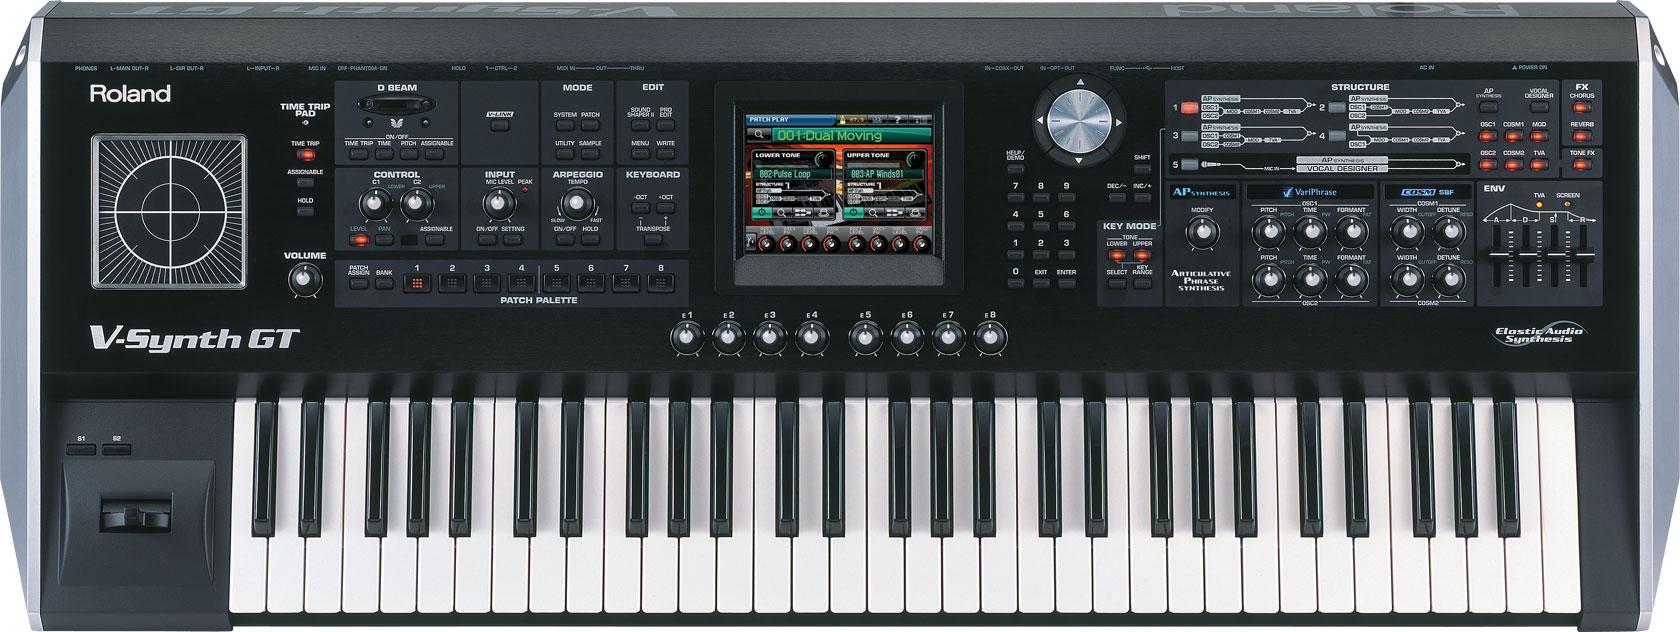 Synthesizer - Wikipedia